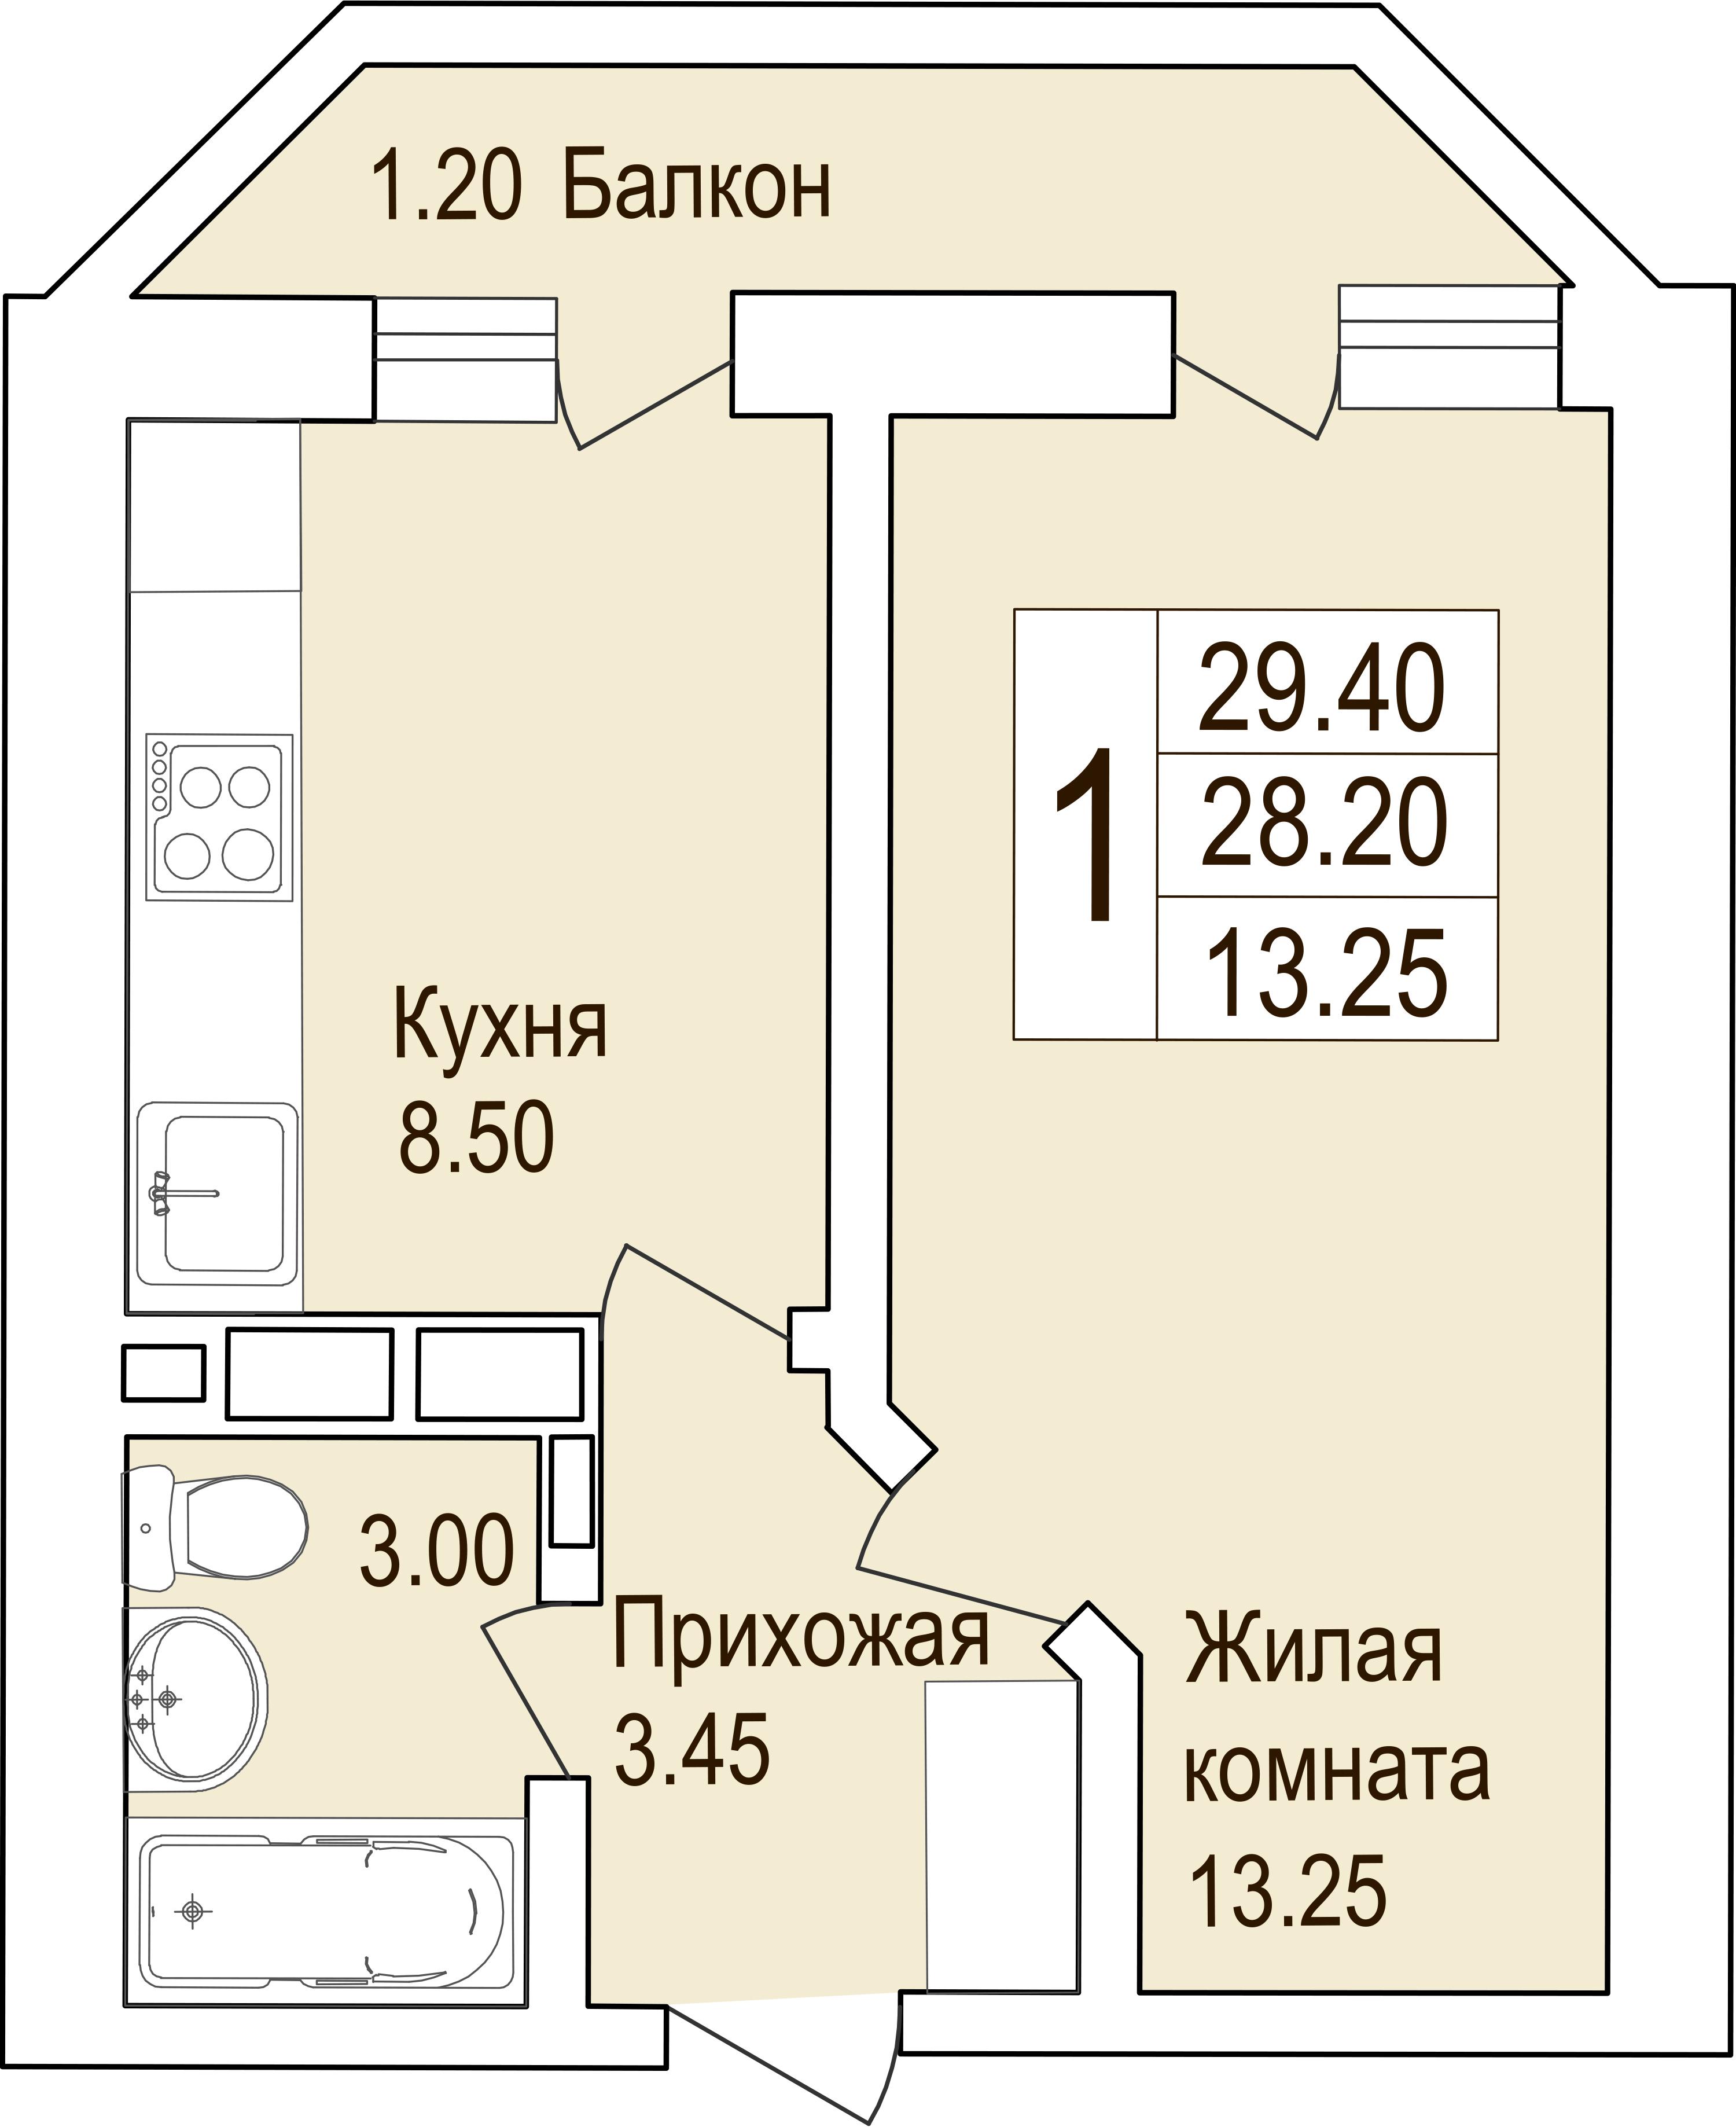 Купить однокомнатную квартиру в Краснодаре, 29,4 м², Южное Сияние